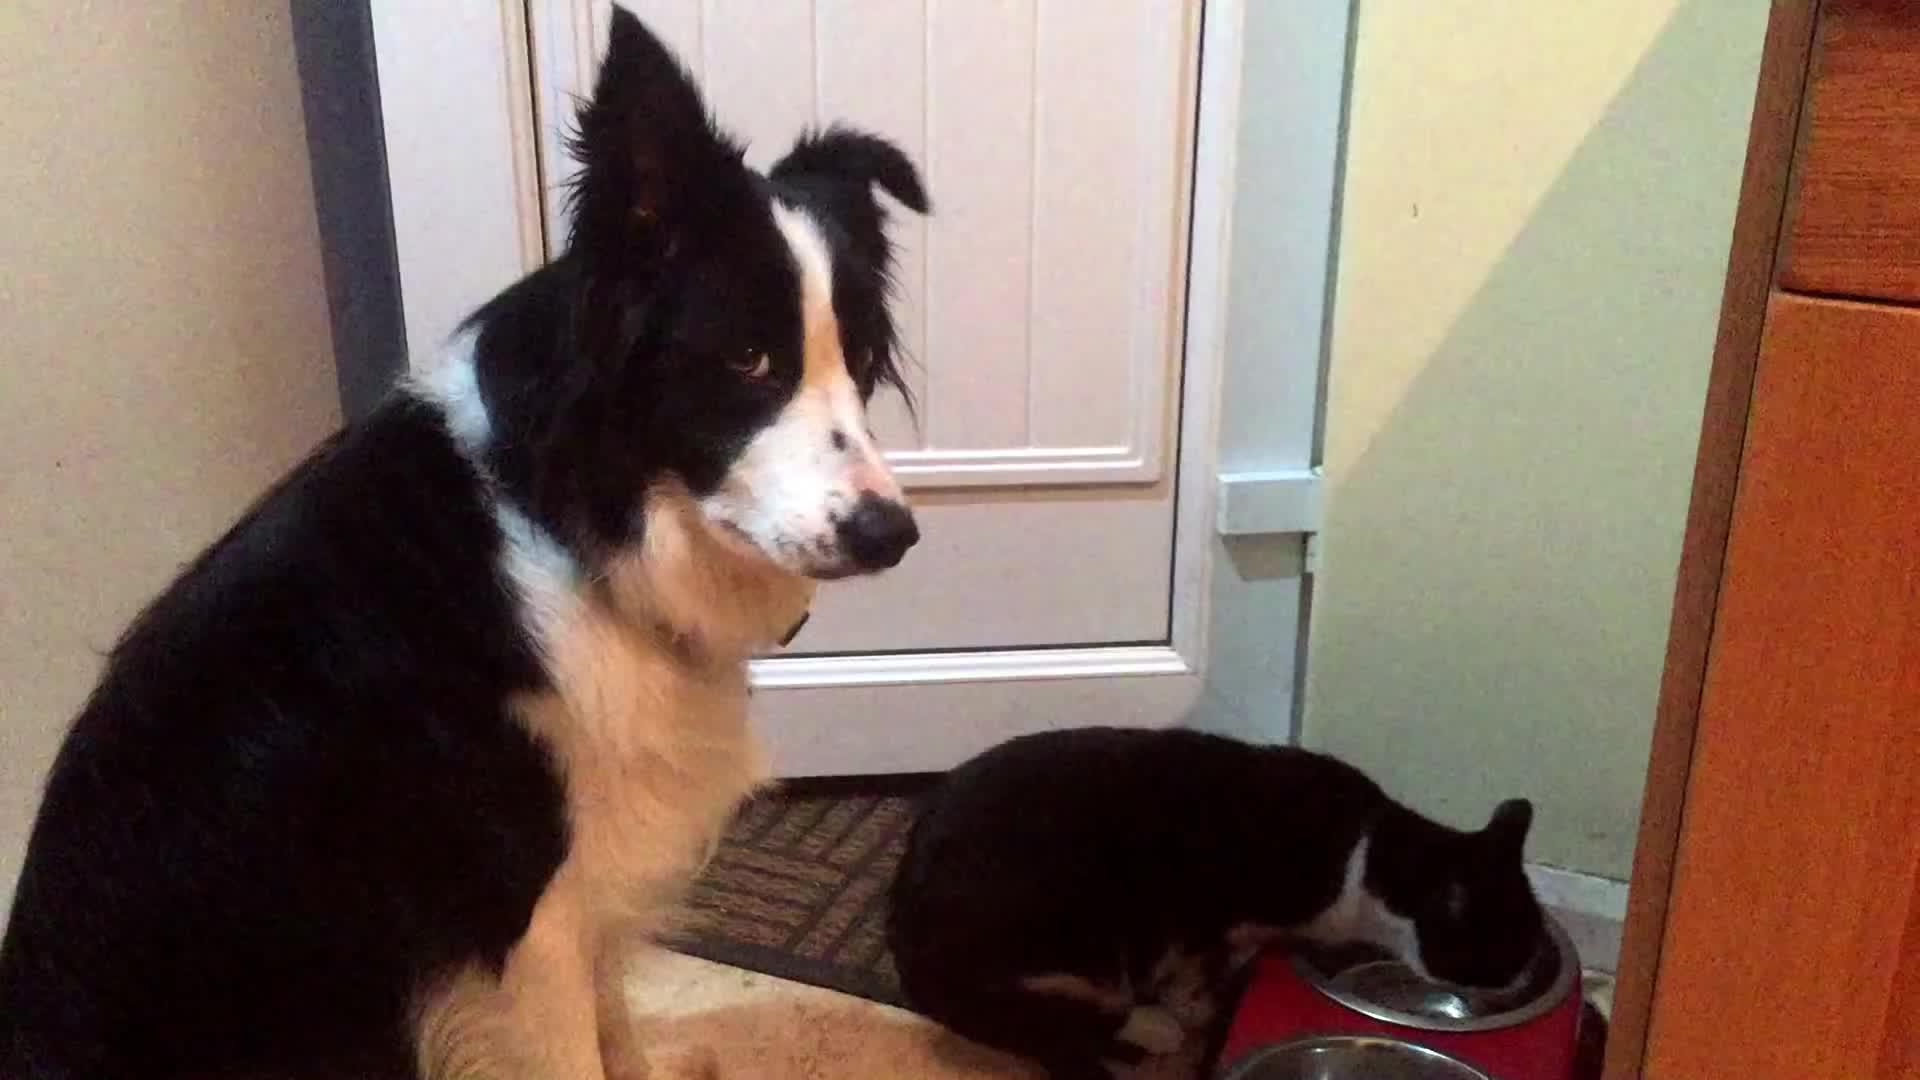 Dog politely asks cat for his dinner back (reddit) GIFs